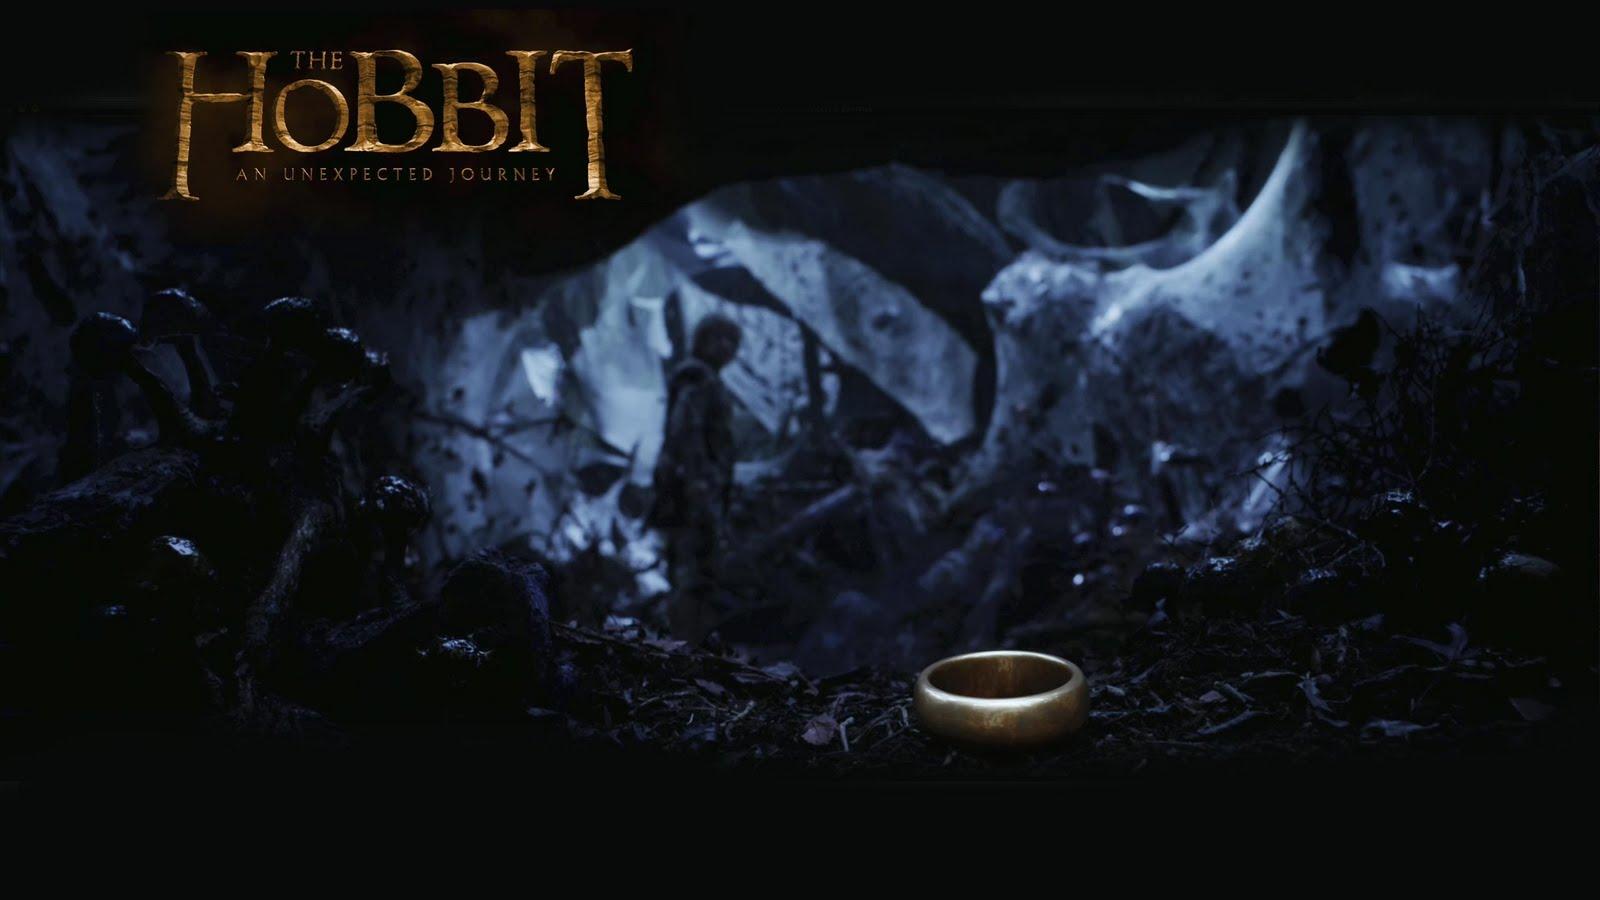 hobbit wallpaper Jan 05 2013 155958 Picture Gallery 1600x900